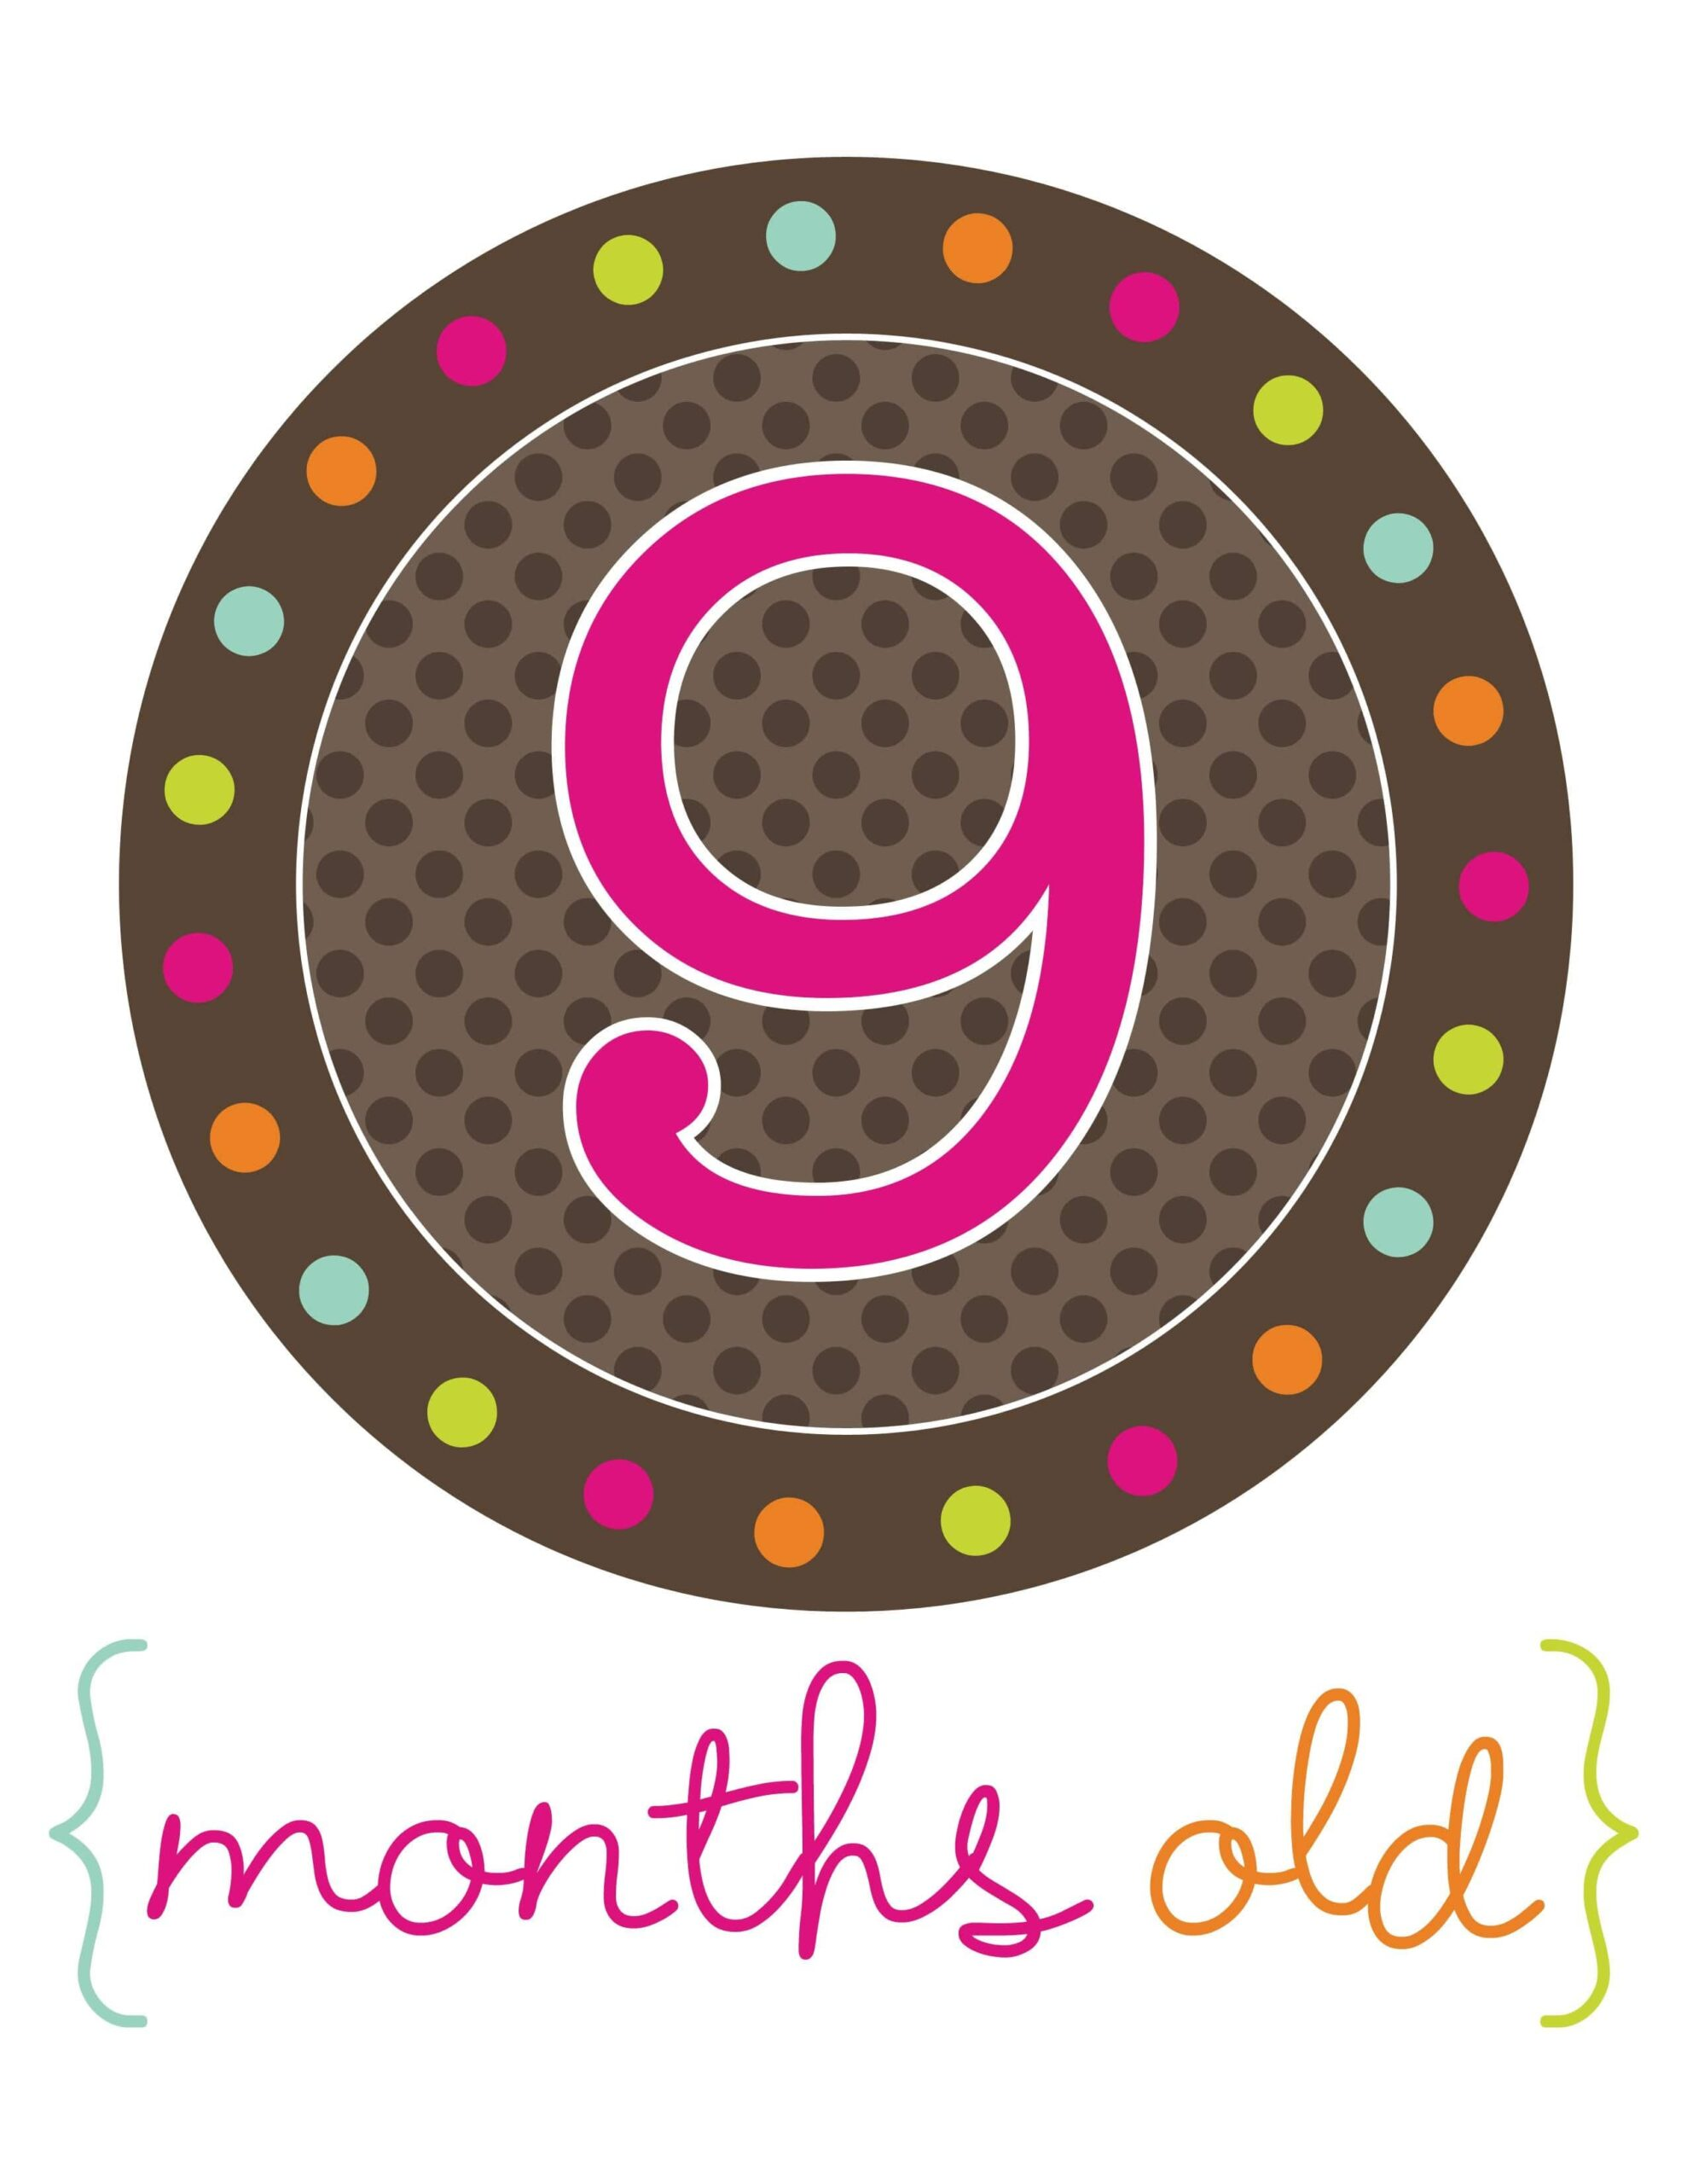 стикер для фотосессий 9 месяцев